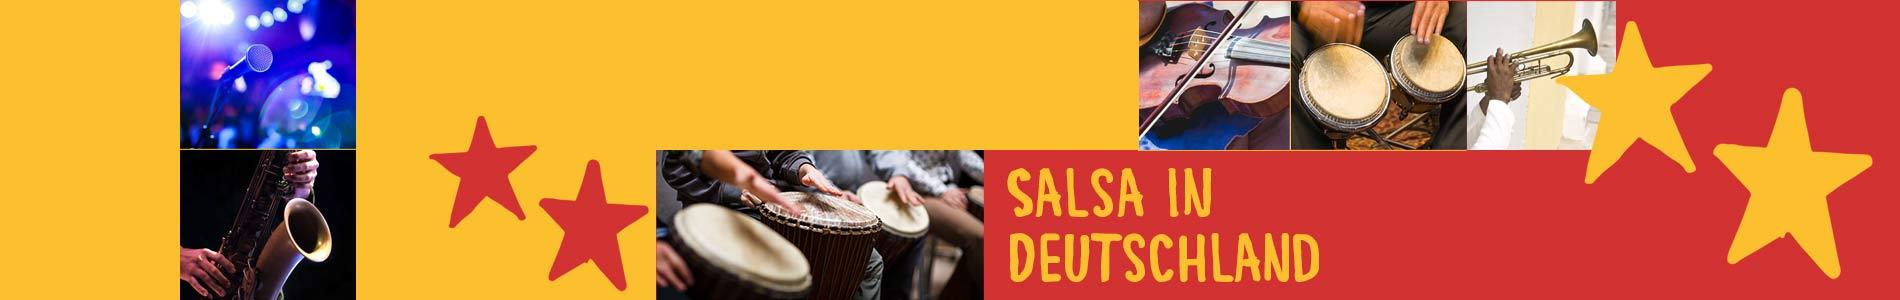 Salsa in Bredstedt – Salsa lernen und tanzen, Tanzkurse, Partys, Veranstaltungen